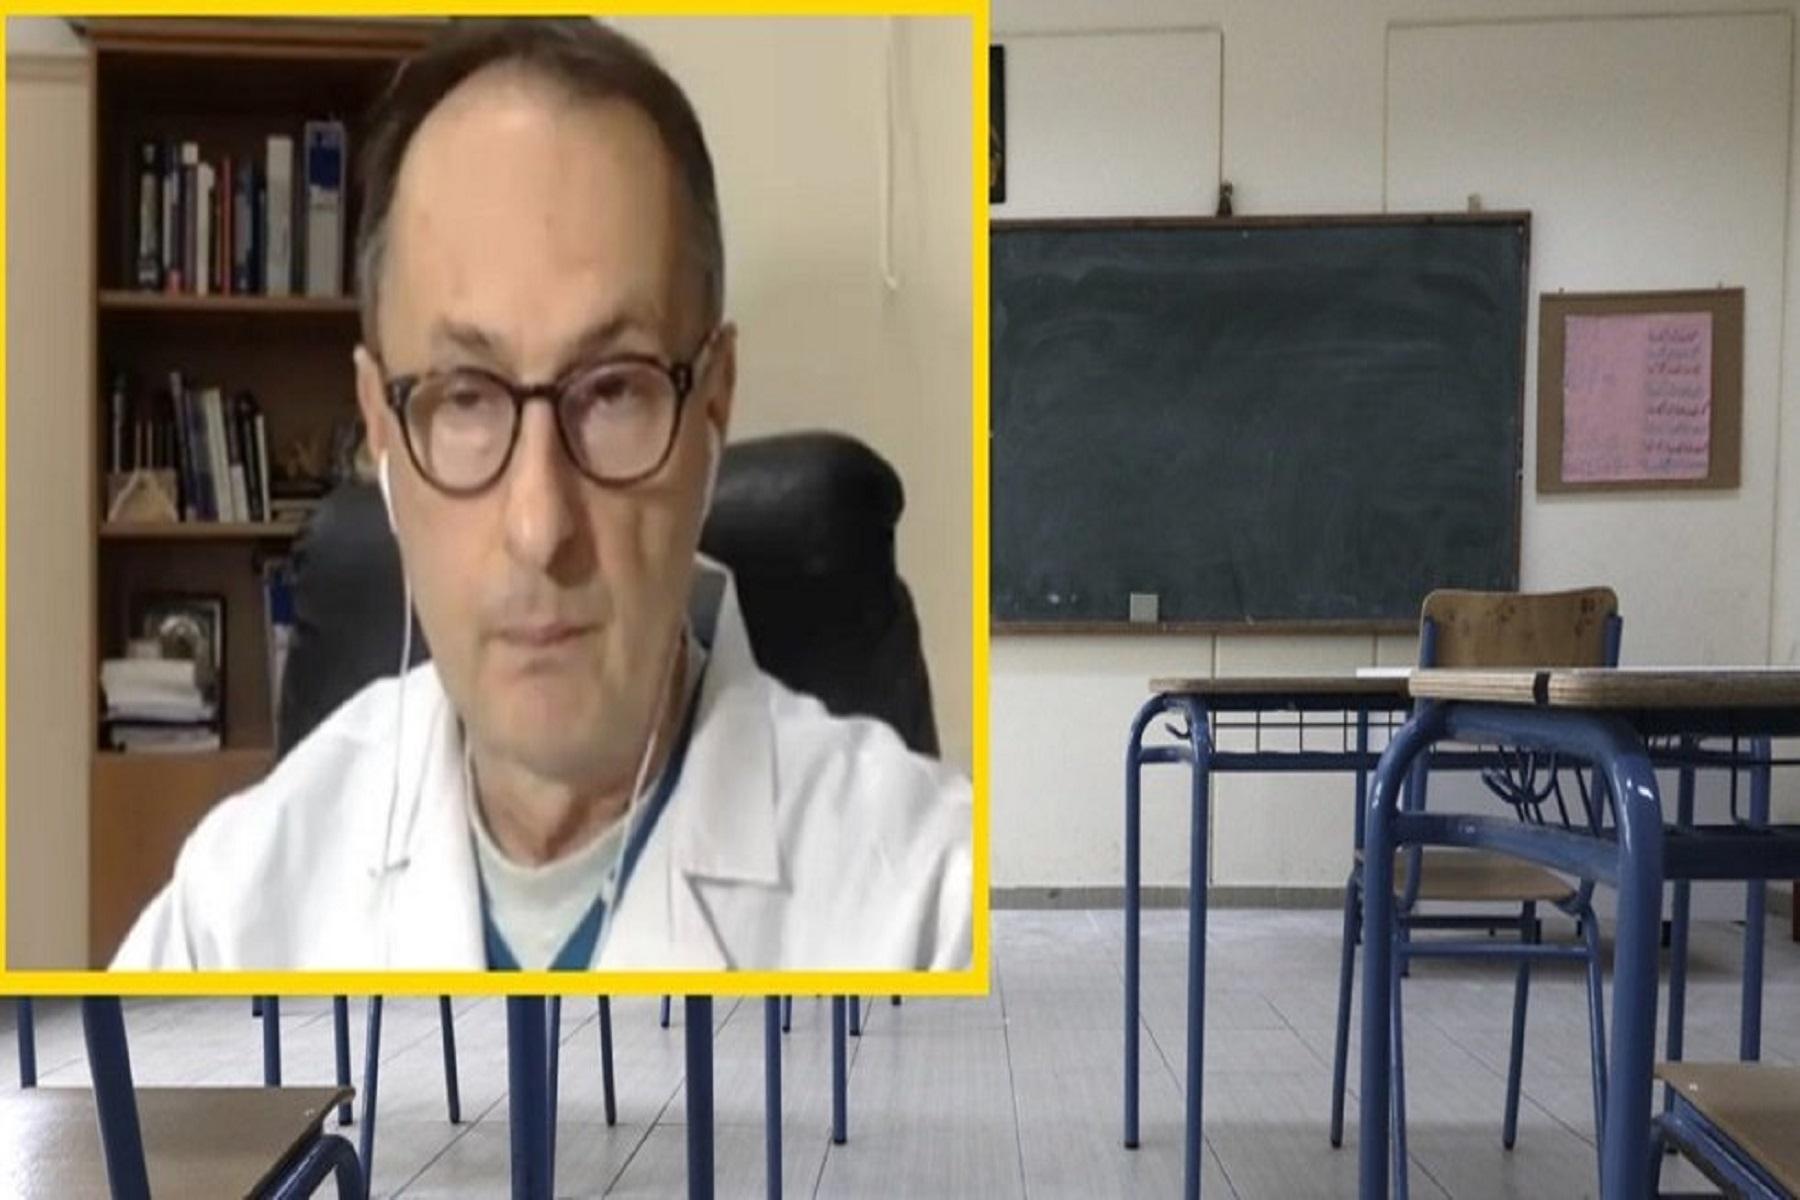 Σύψας Σχολεία: Προβληματισμός για την αύξηση κρουσμάτων, τη μετάλλαξη του ιού και το κρύο του χειμώνα